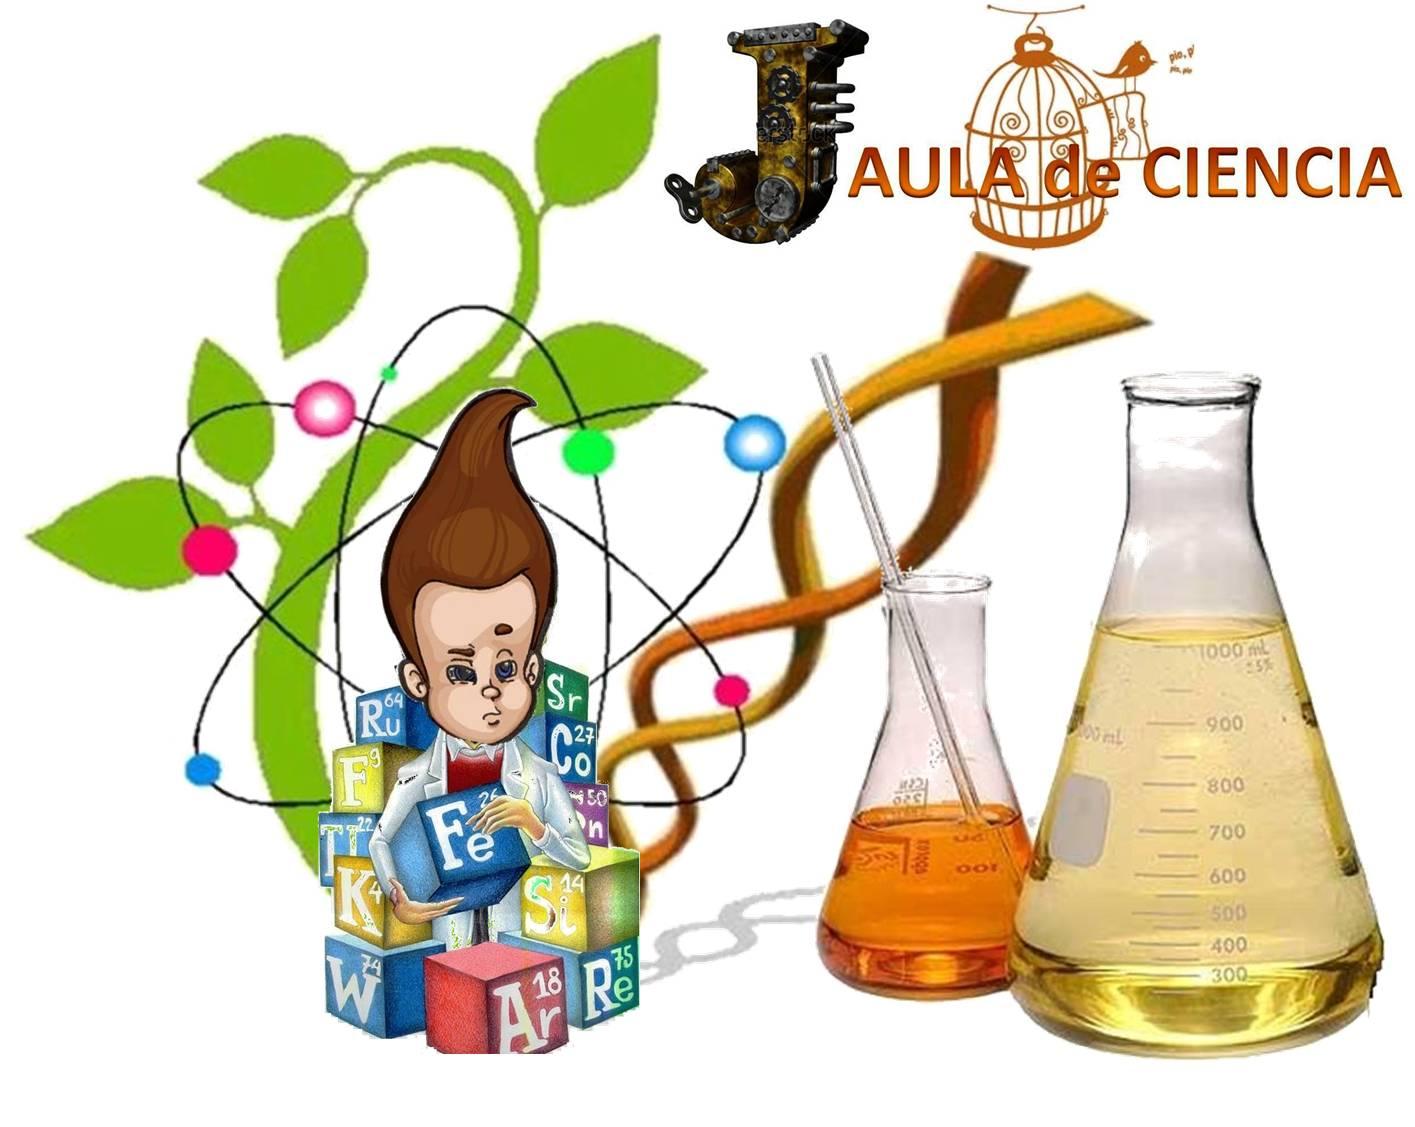 Liquid clipart ciencias Jimmy de Jaula mí Sobre